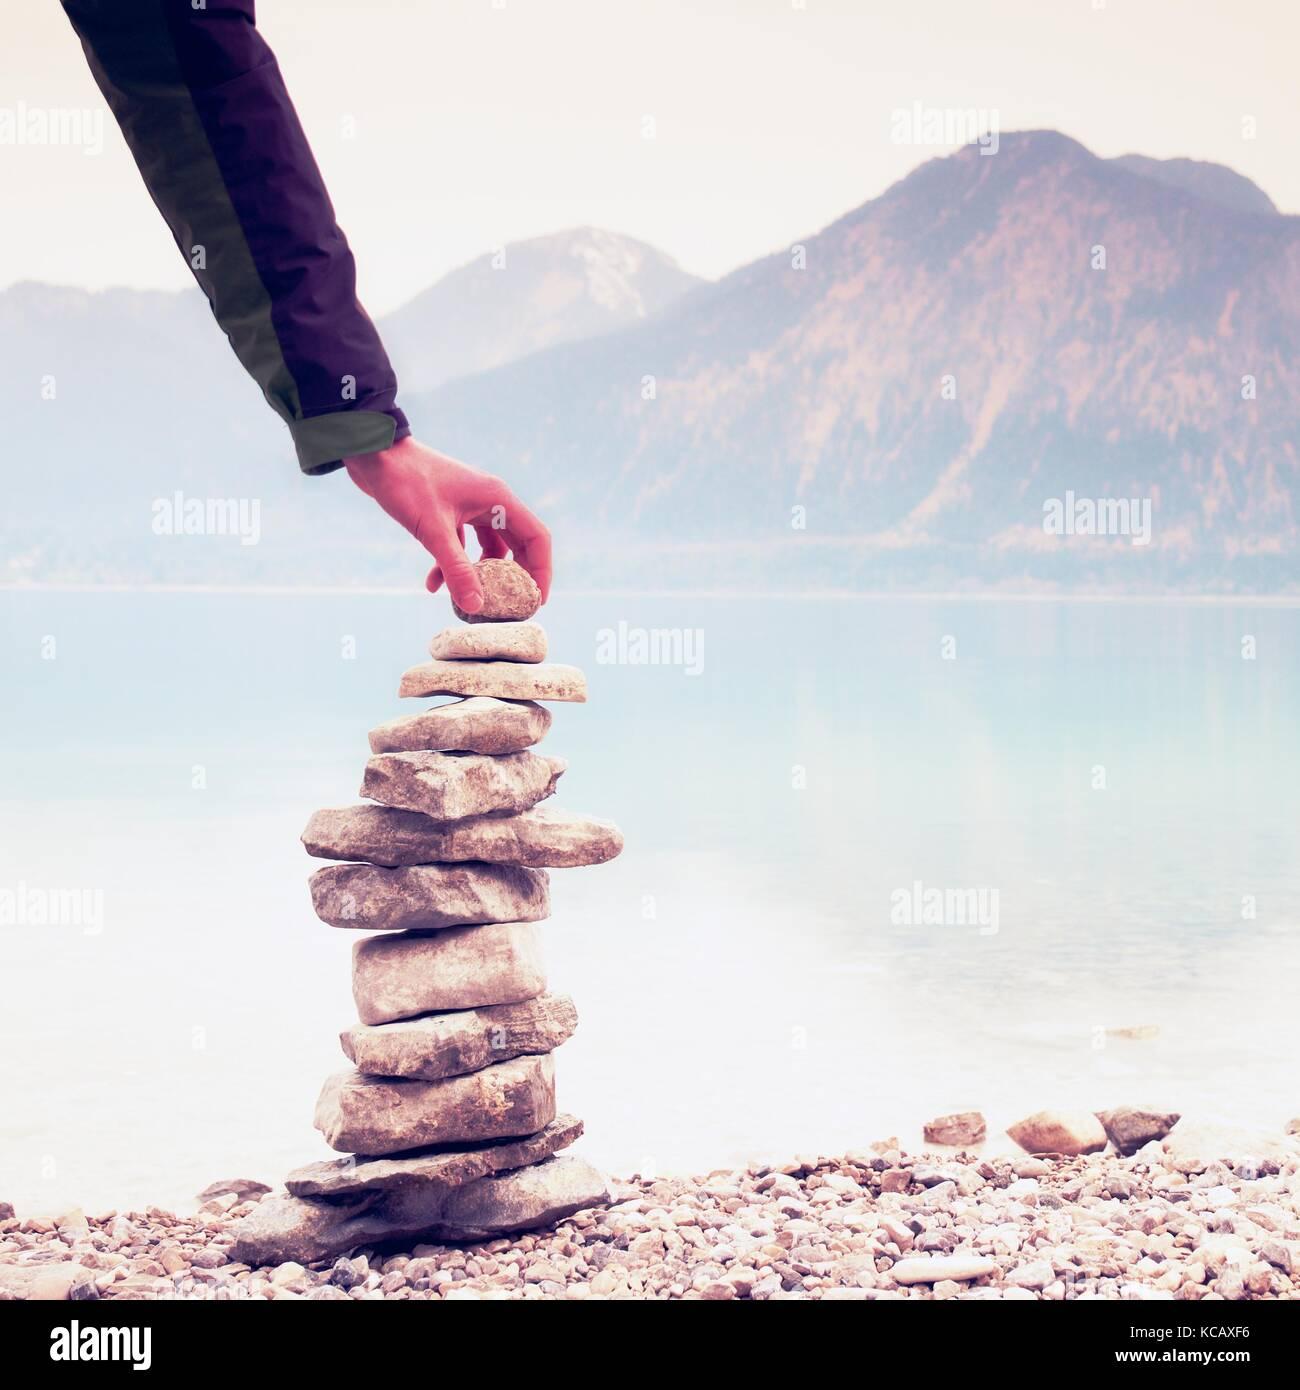 Uomo piramide costruito da ciottoli. equilibrata piramide di pietra sulla riva delle acque blu del lago di montagna. Immagini Stock